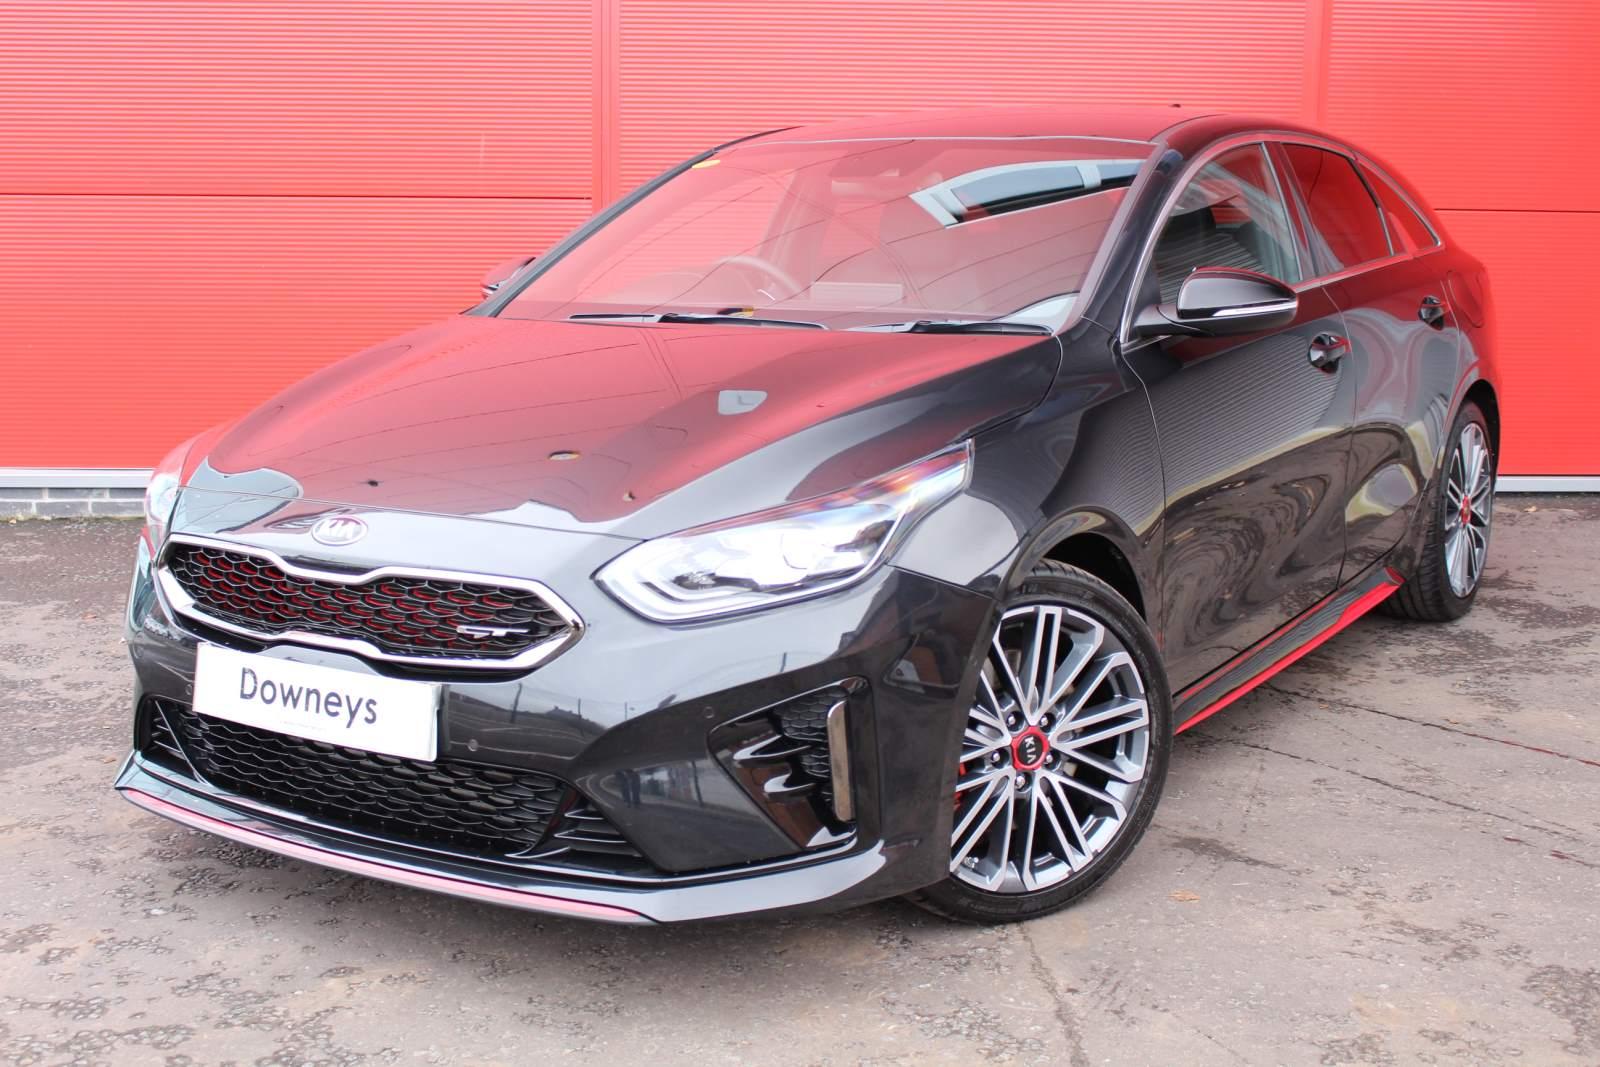 KIA PROCEED 1.6 GT ISG S-A  201BHP FULL KIA WARRANTY UNTIL FEB 2027